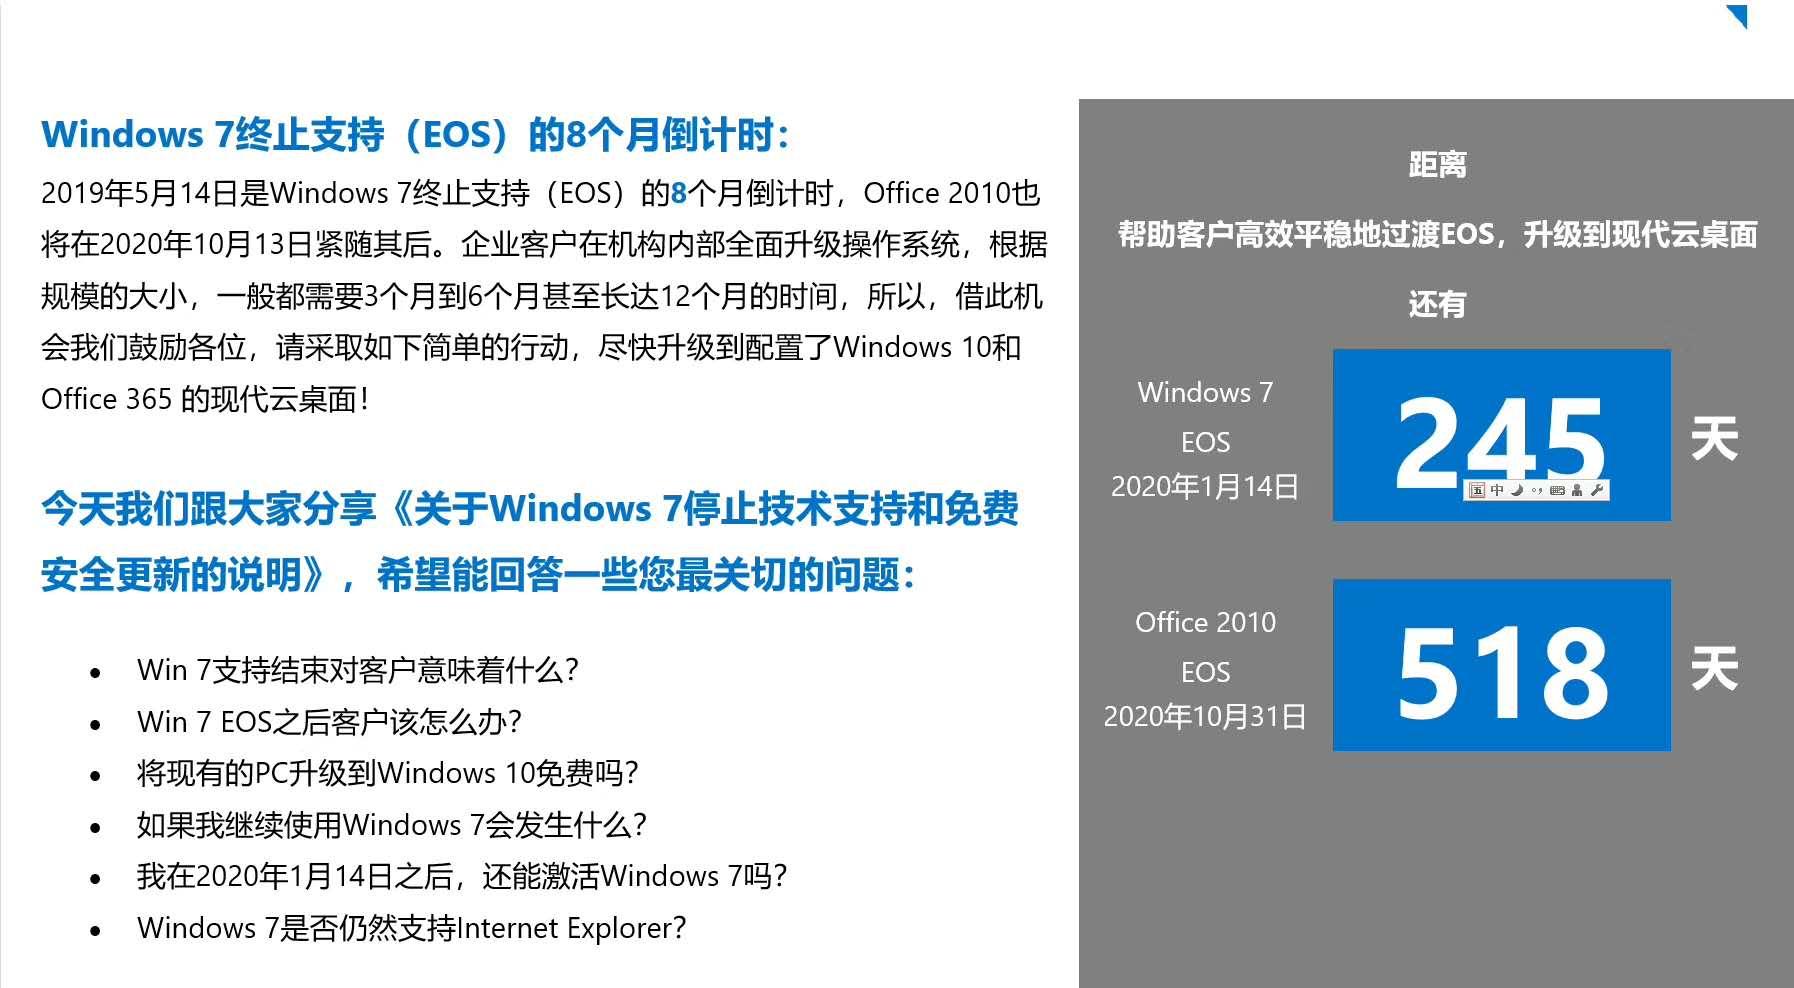 Windows 7终止支持(EOS)倒计时